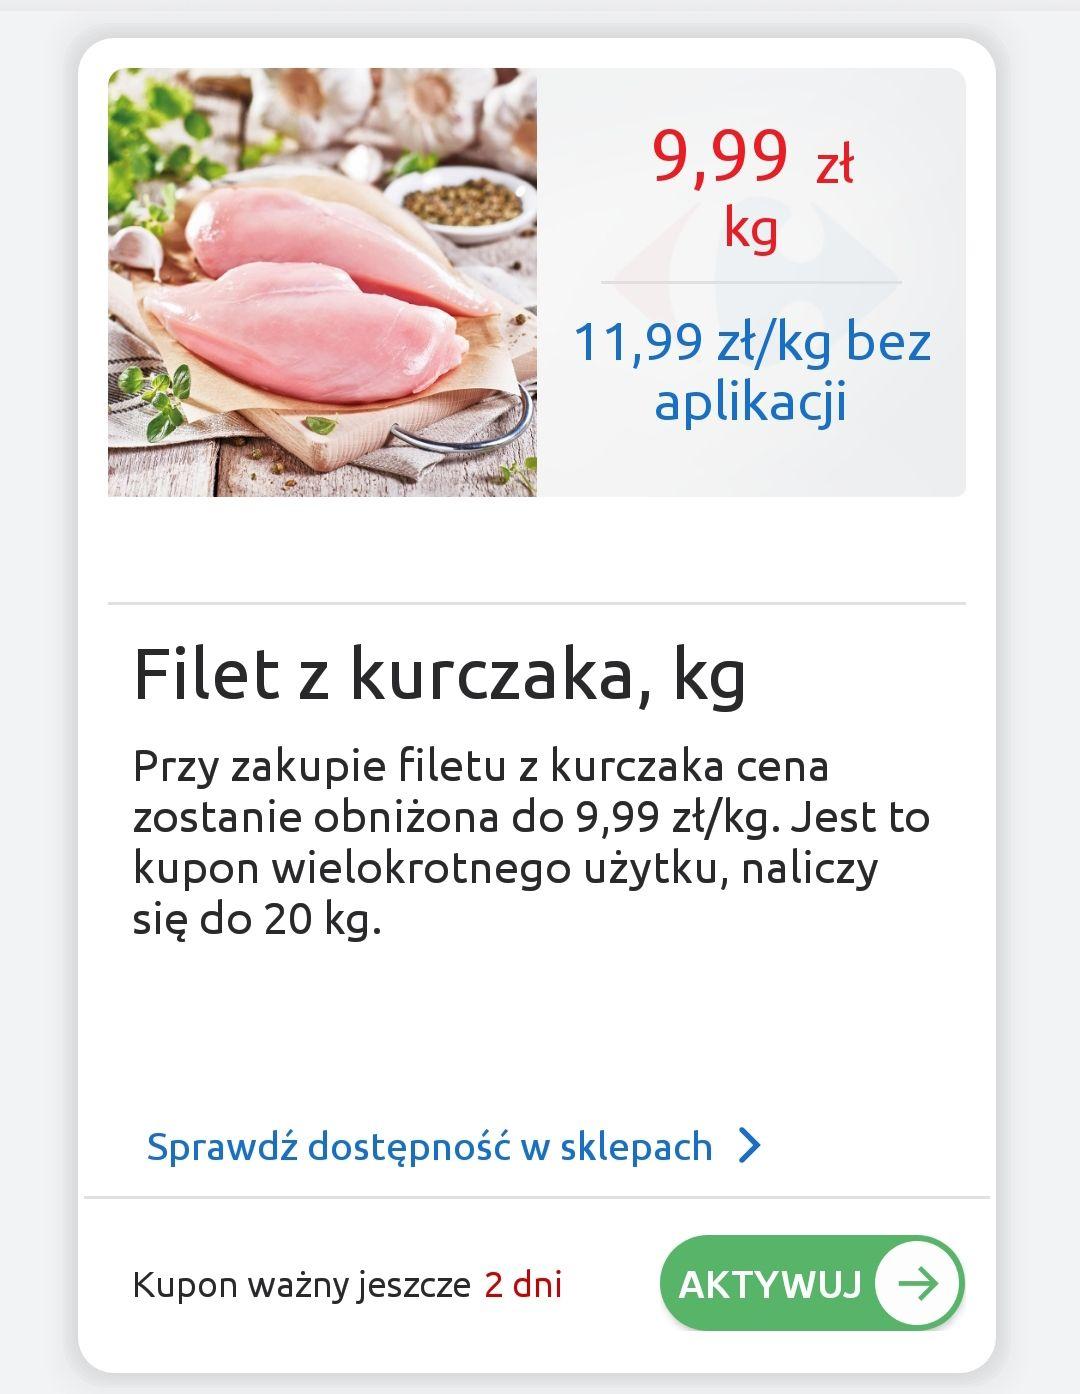 Filet z kurczaka 8.99zł Carrefour